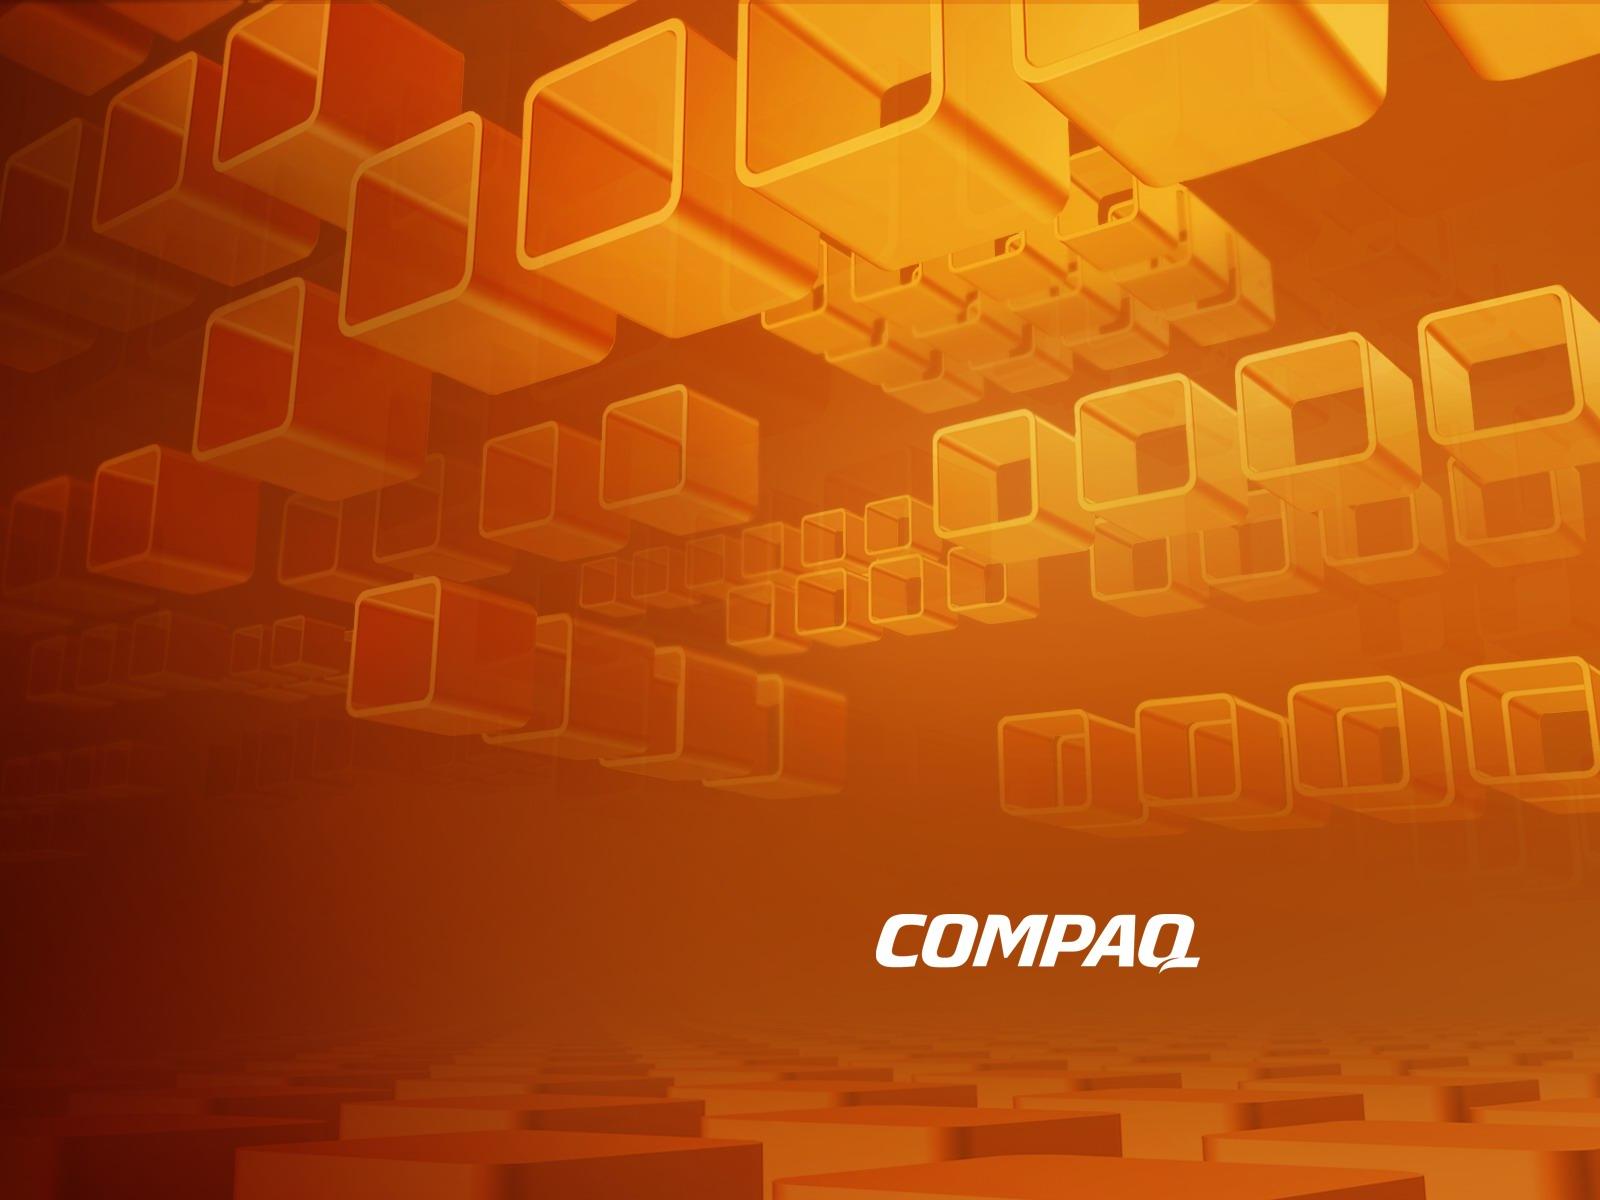 http://3.bp.blogspot.com/-kN9dCLLIYzk/T1VXFspgoAI/AAAAAAAADLc/m44wx6fcAzY/s1600/Compaq.jpg